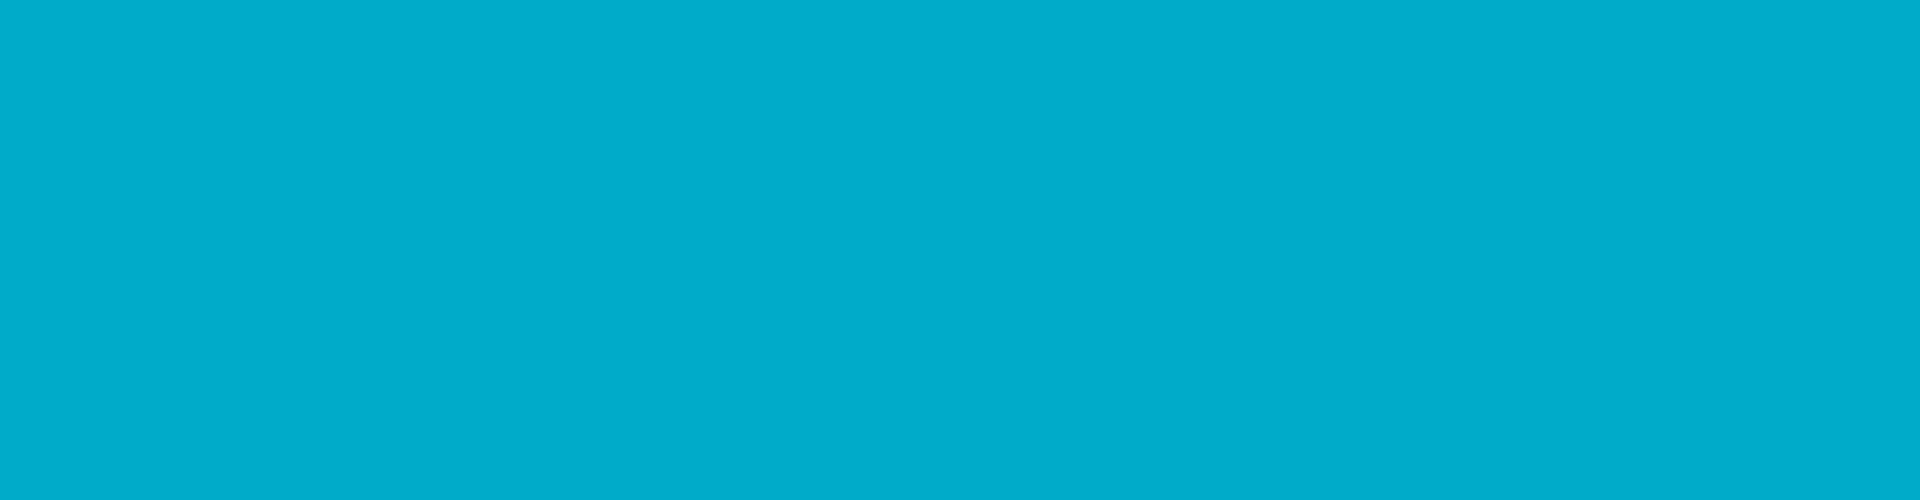 s_bg_blue_light